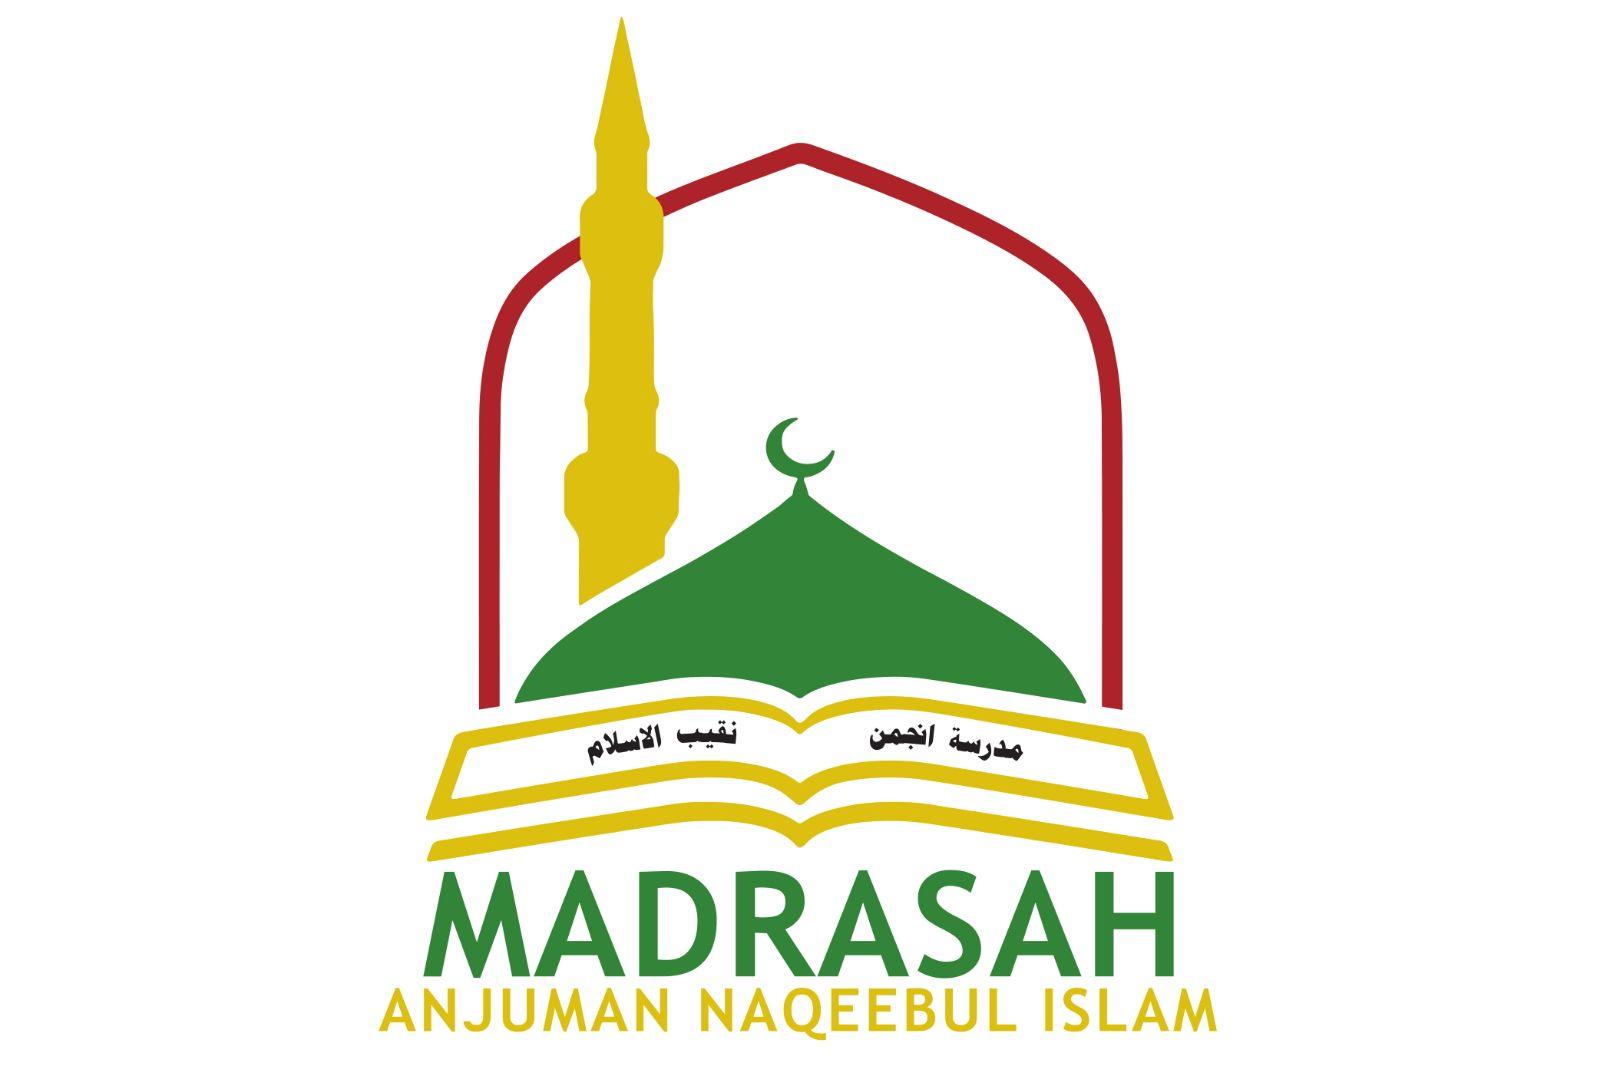 Anjuman-e-naqeebul-islam